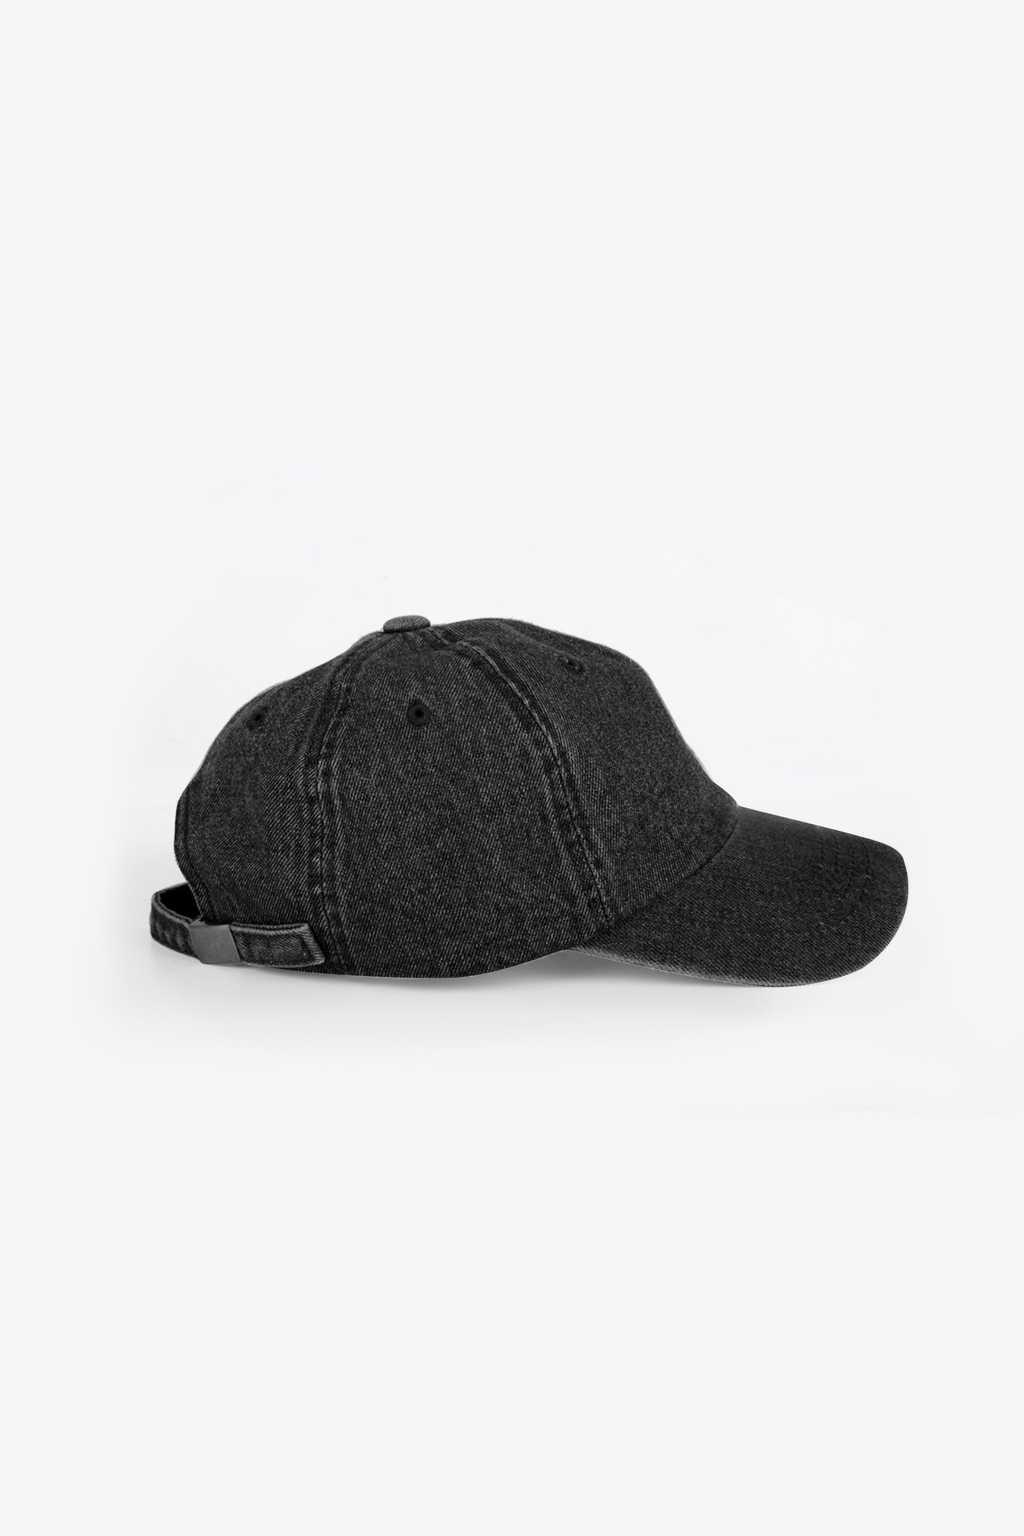 Hat H002 Black 7